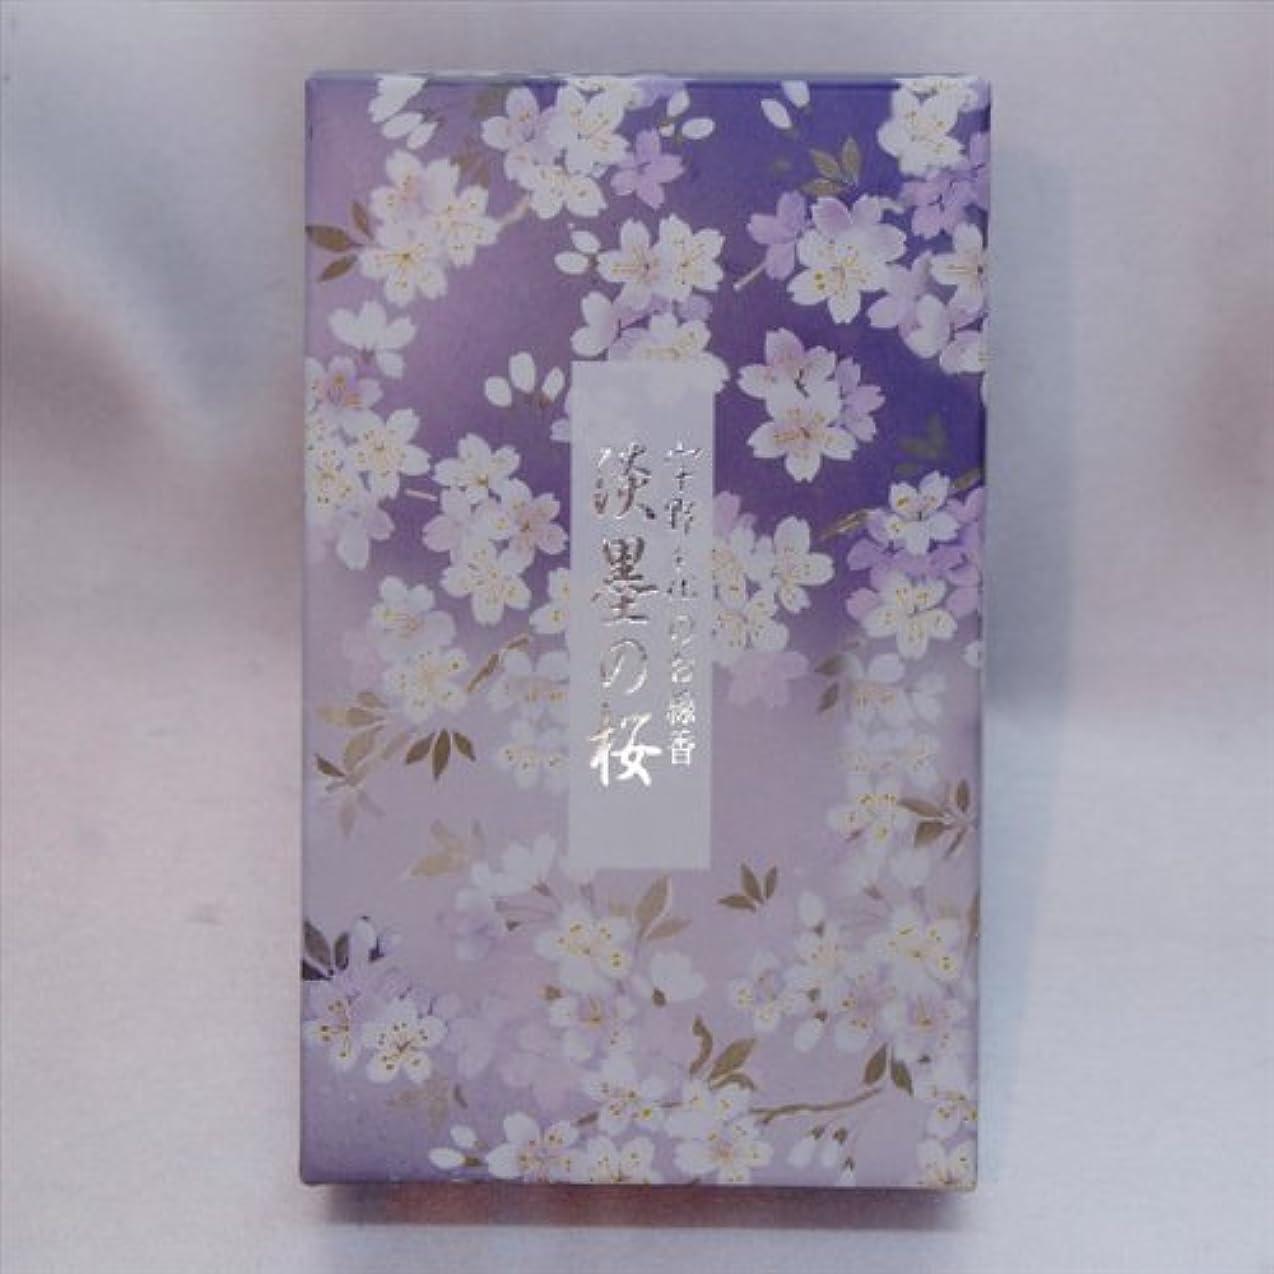 矢印失始まり線香 【淡墨の桜】 煙の少ない お線香 微煙香